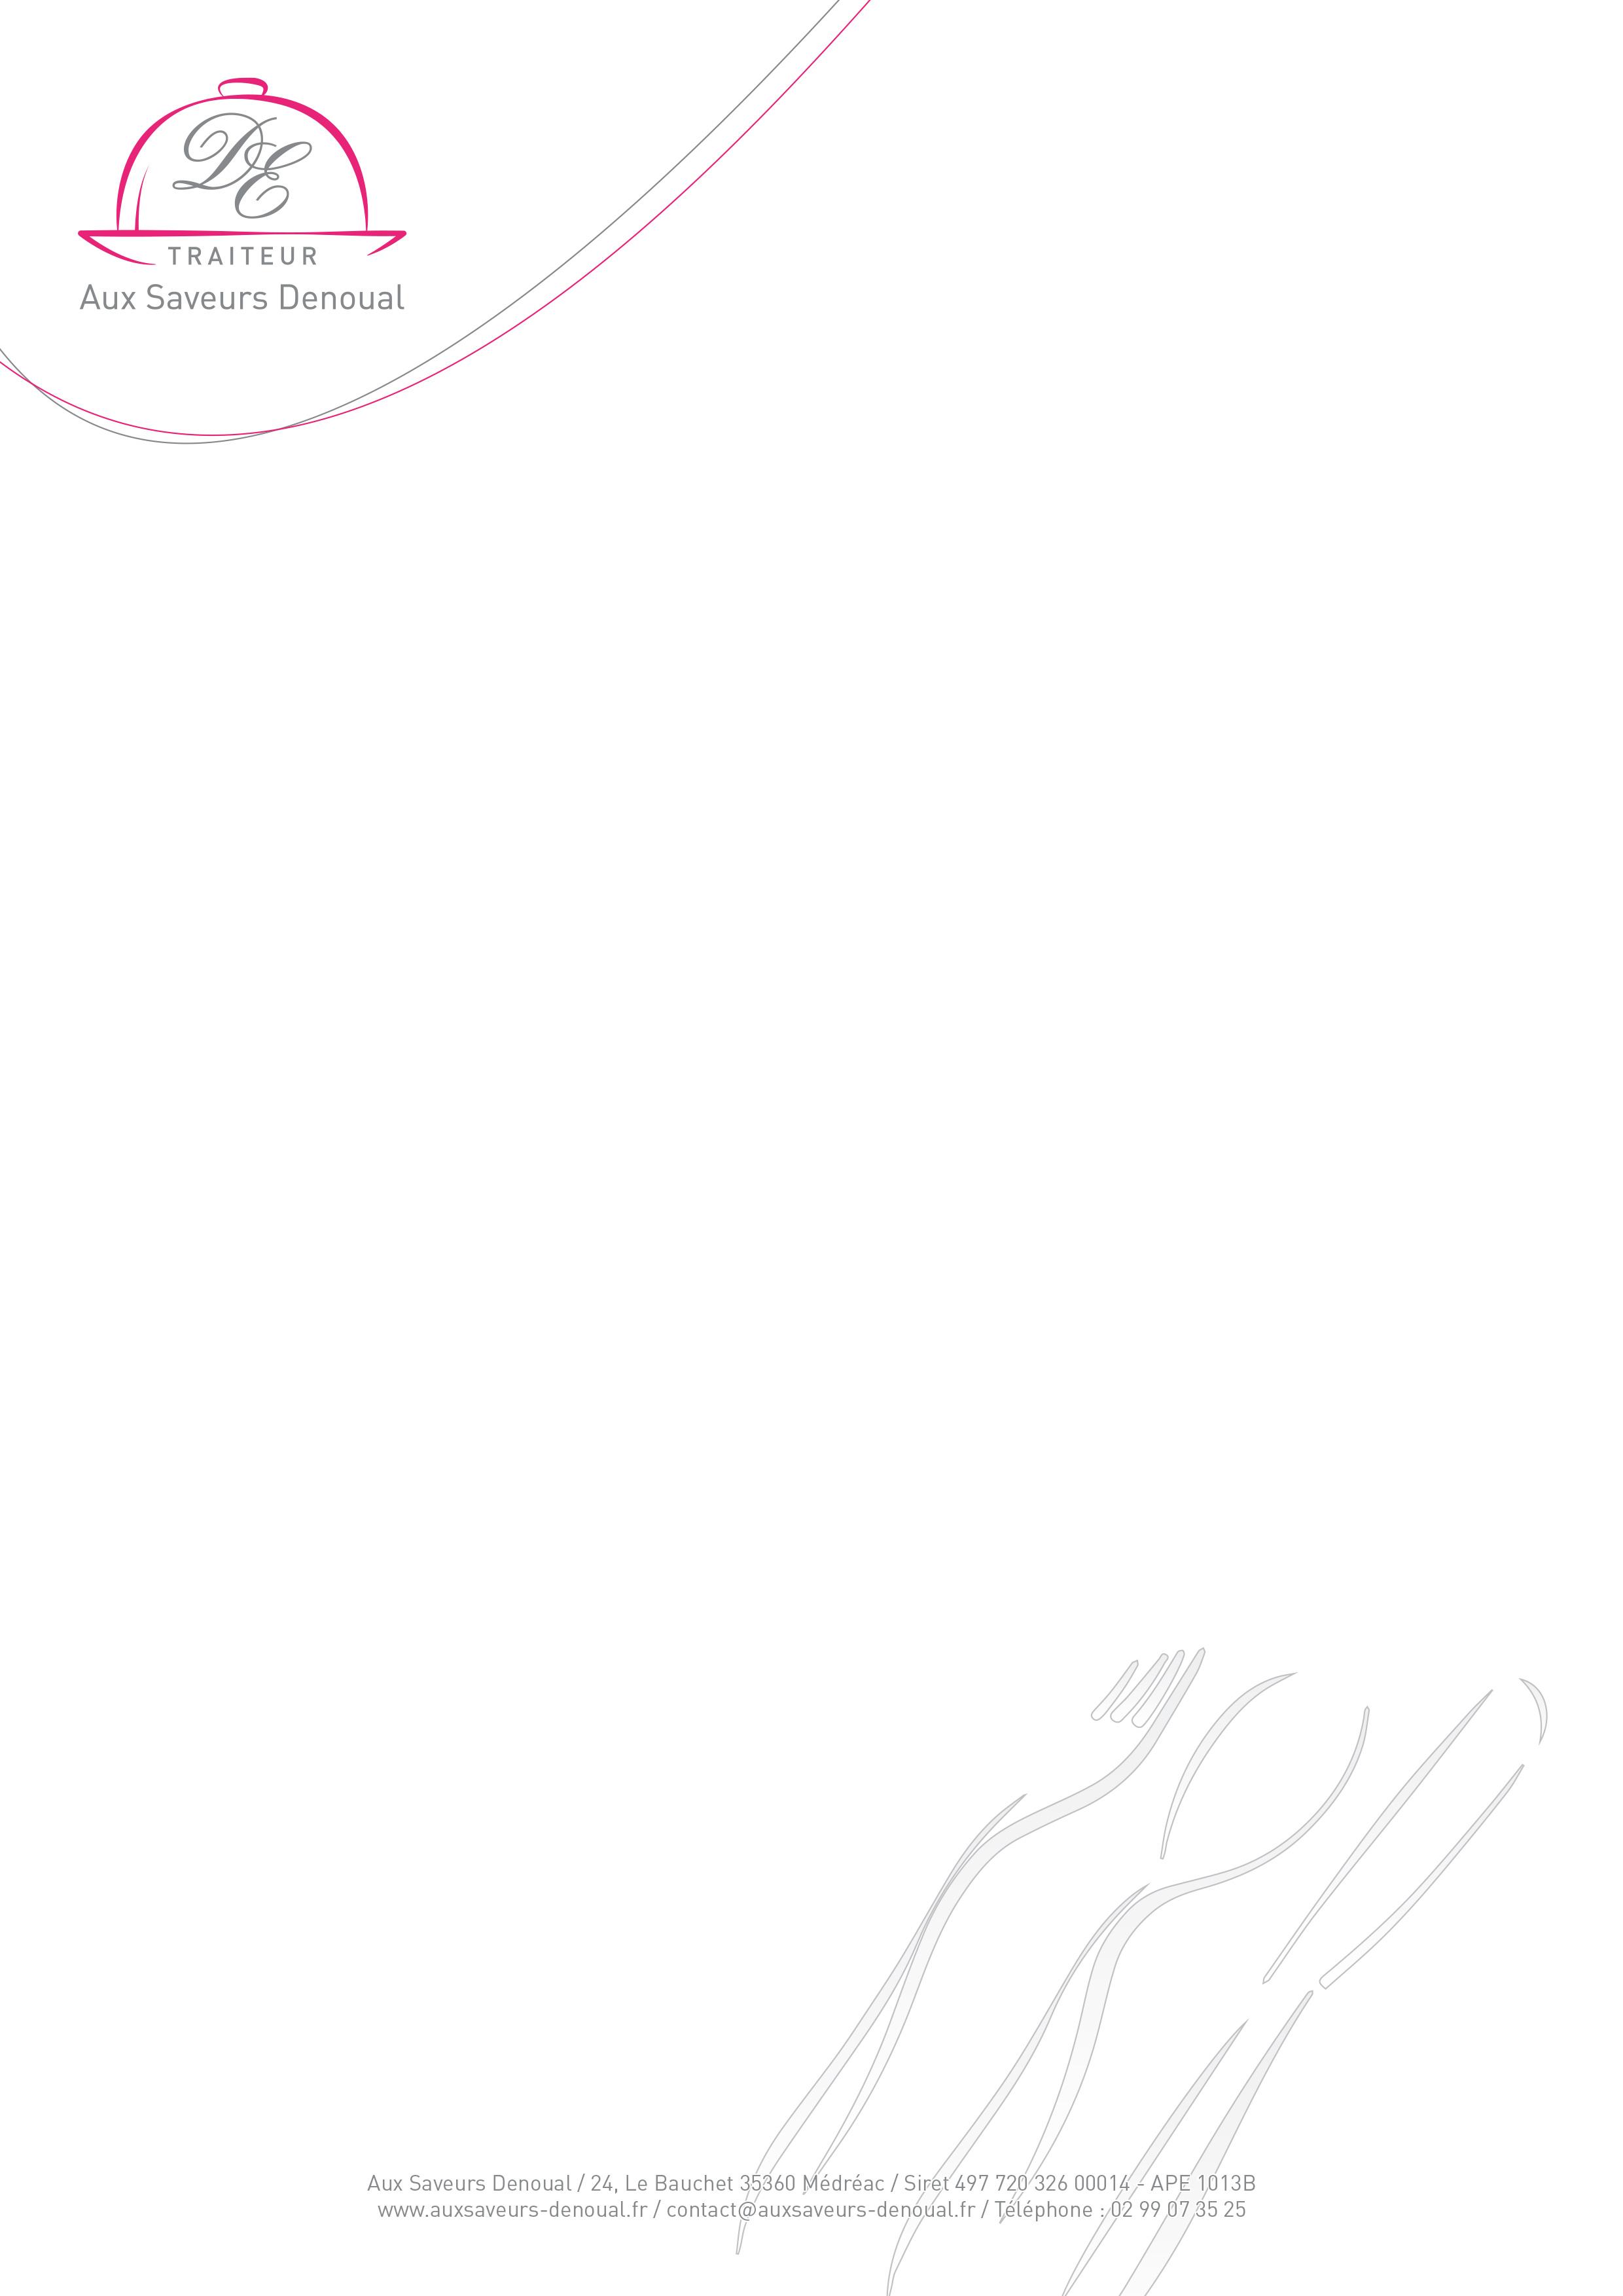 entete-denoual-210x297-recto-imprimeur